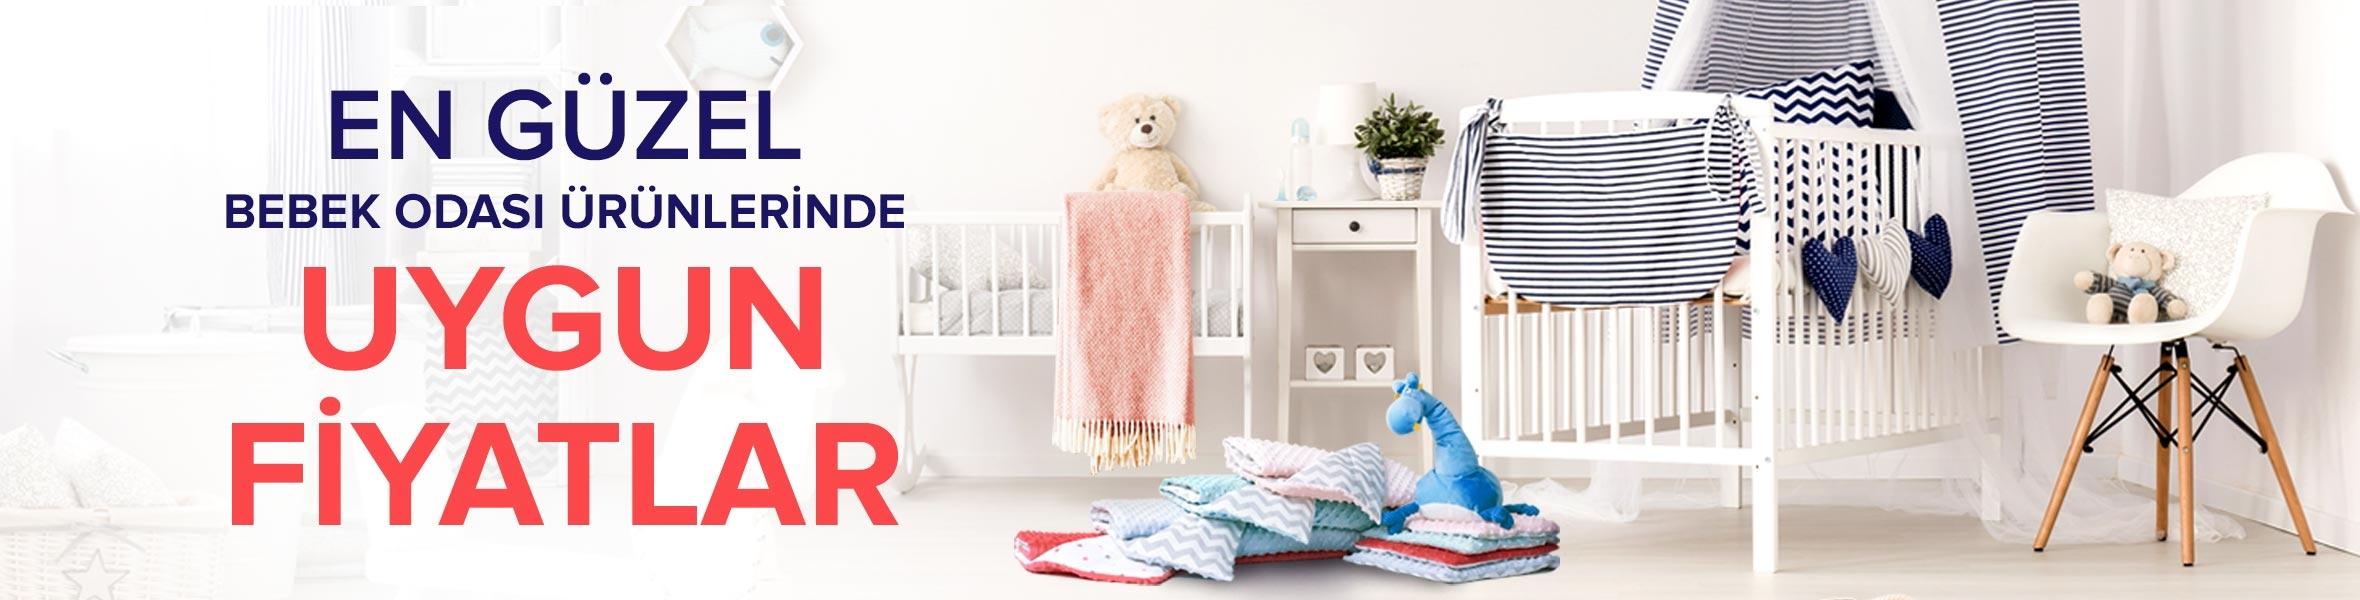 Bebeğinizin Odasına Ait En Güzel Ürünler